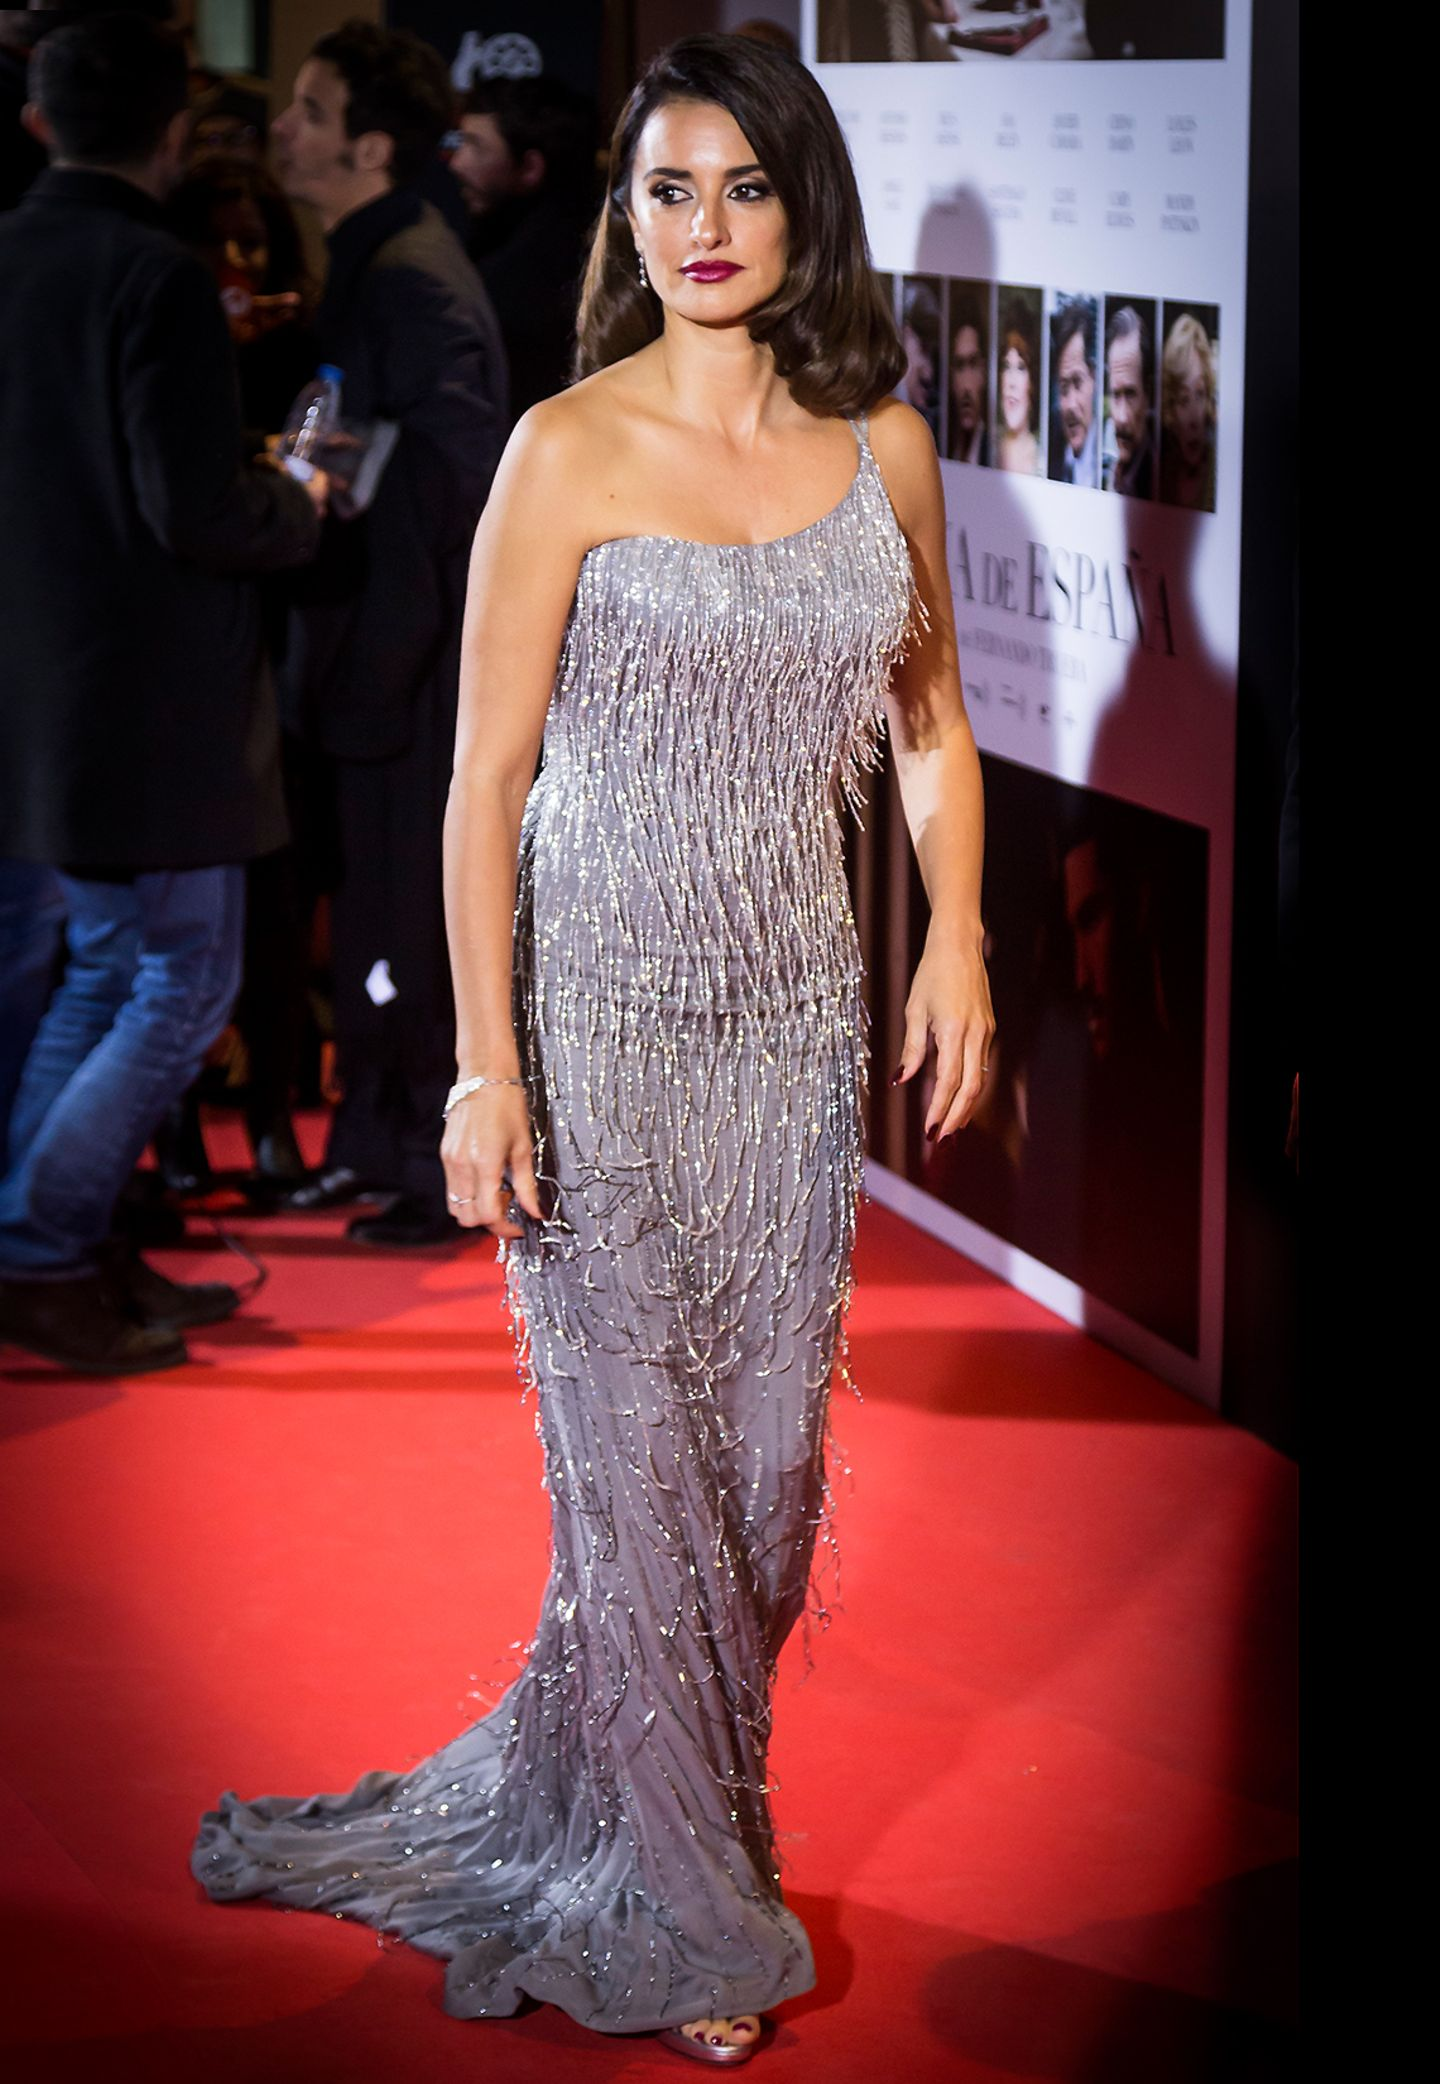 """Bei der """"La Reina de Espana""""-Premiere in Madrid bezaubert Penélope Cruz in einem schimmernden Kleid von Versace."""